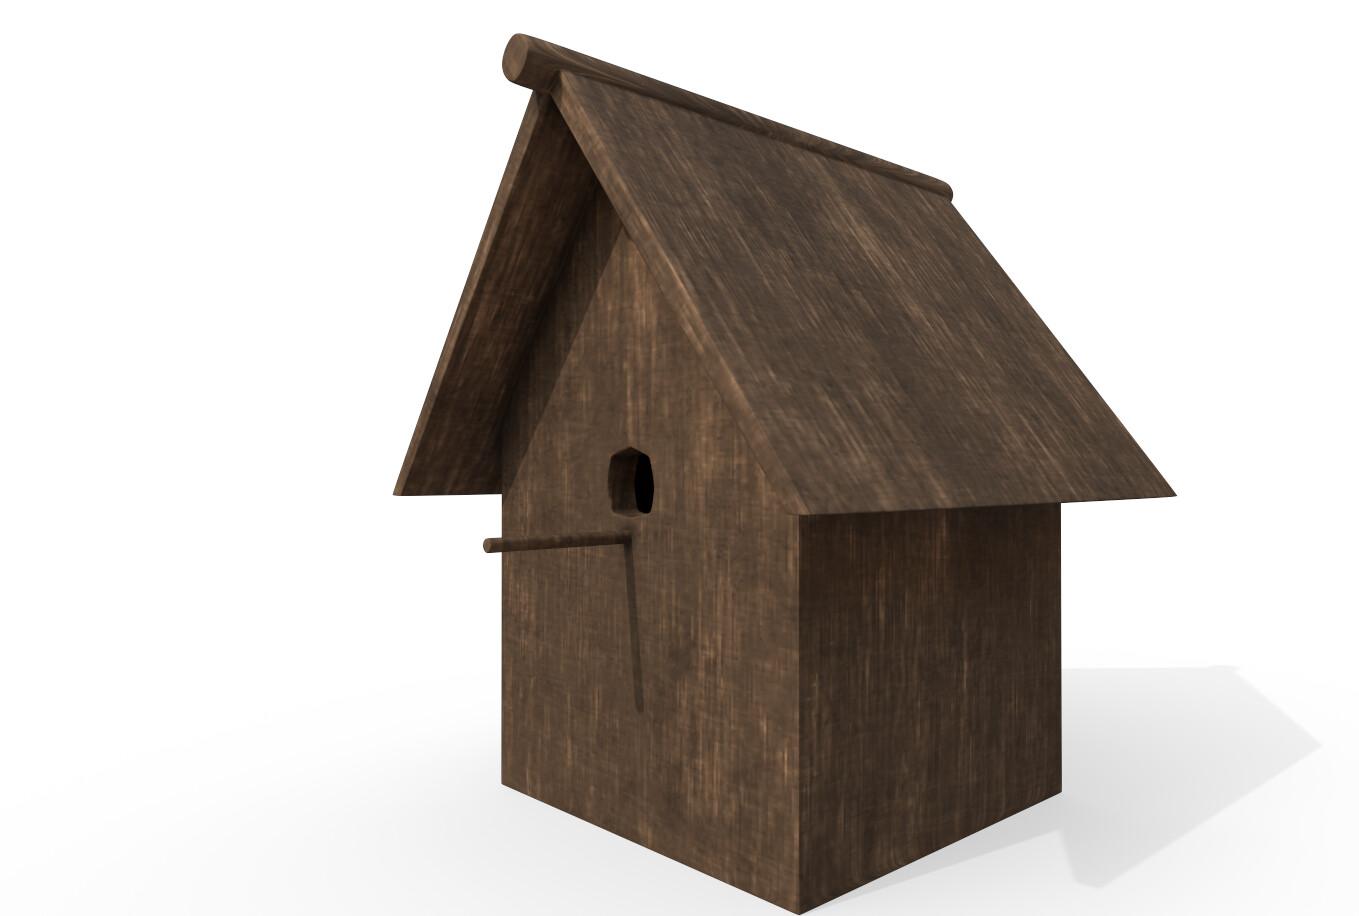 Joseph moniz birdhouse001d